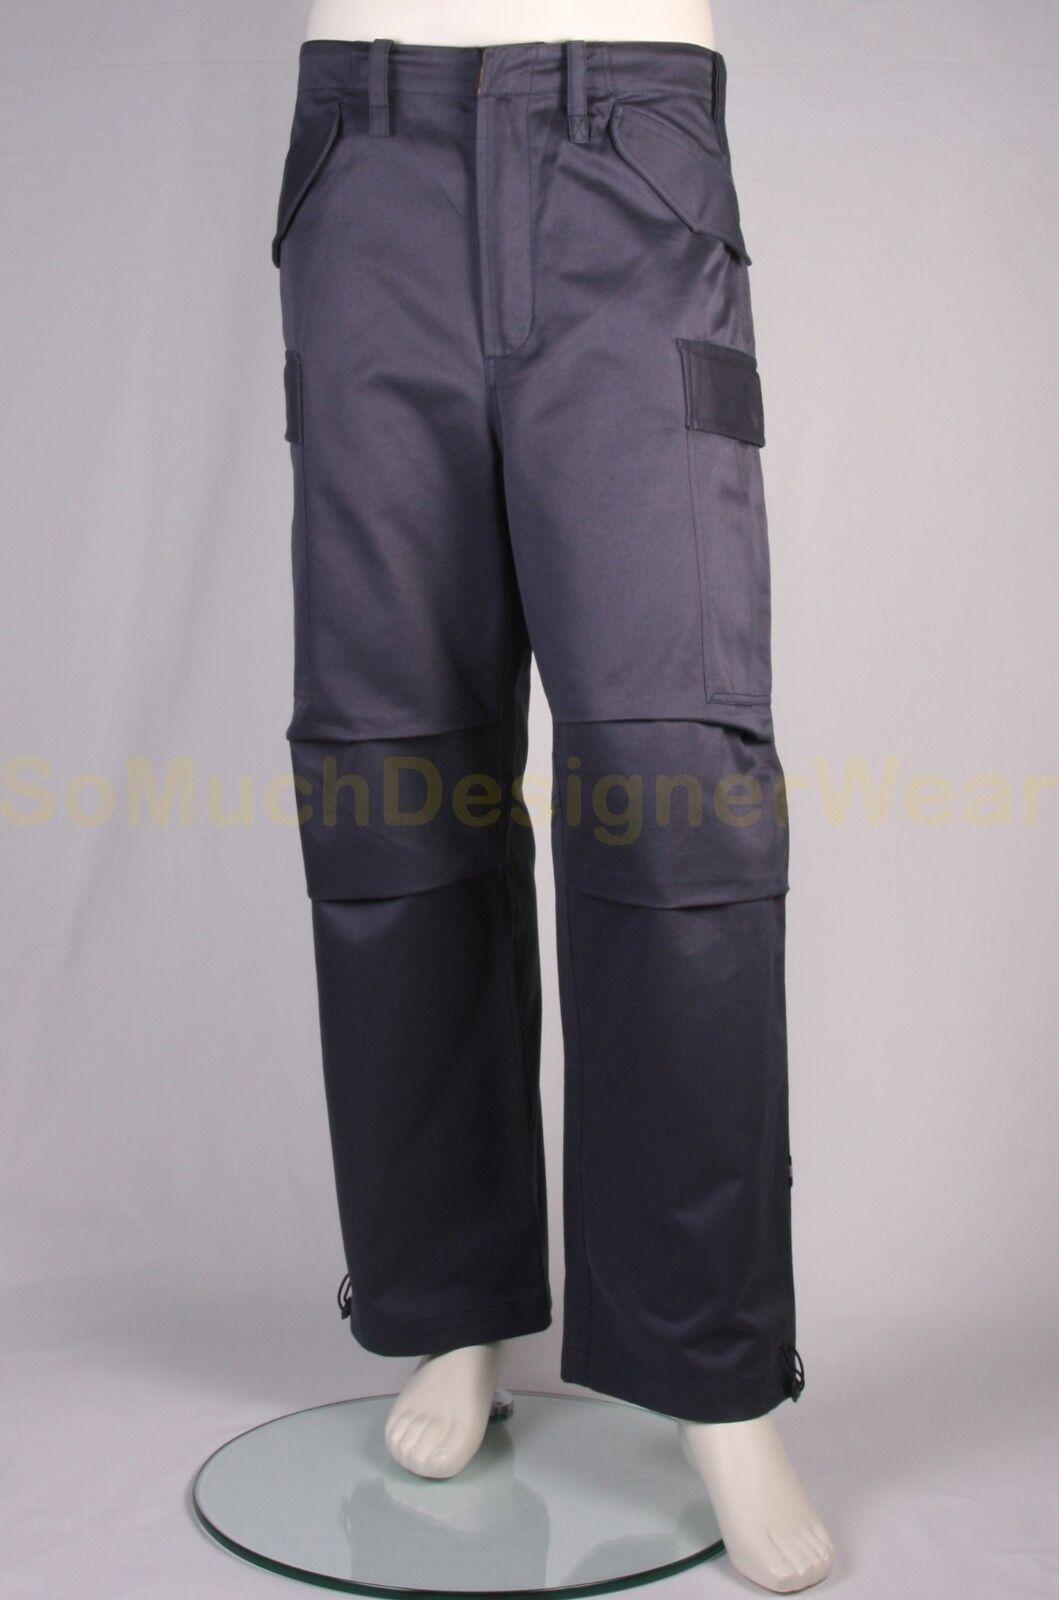 MAHARISHI broek cargo pants S bluew NIEUW+LABELS ap €225 (4)